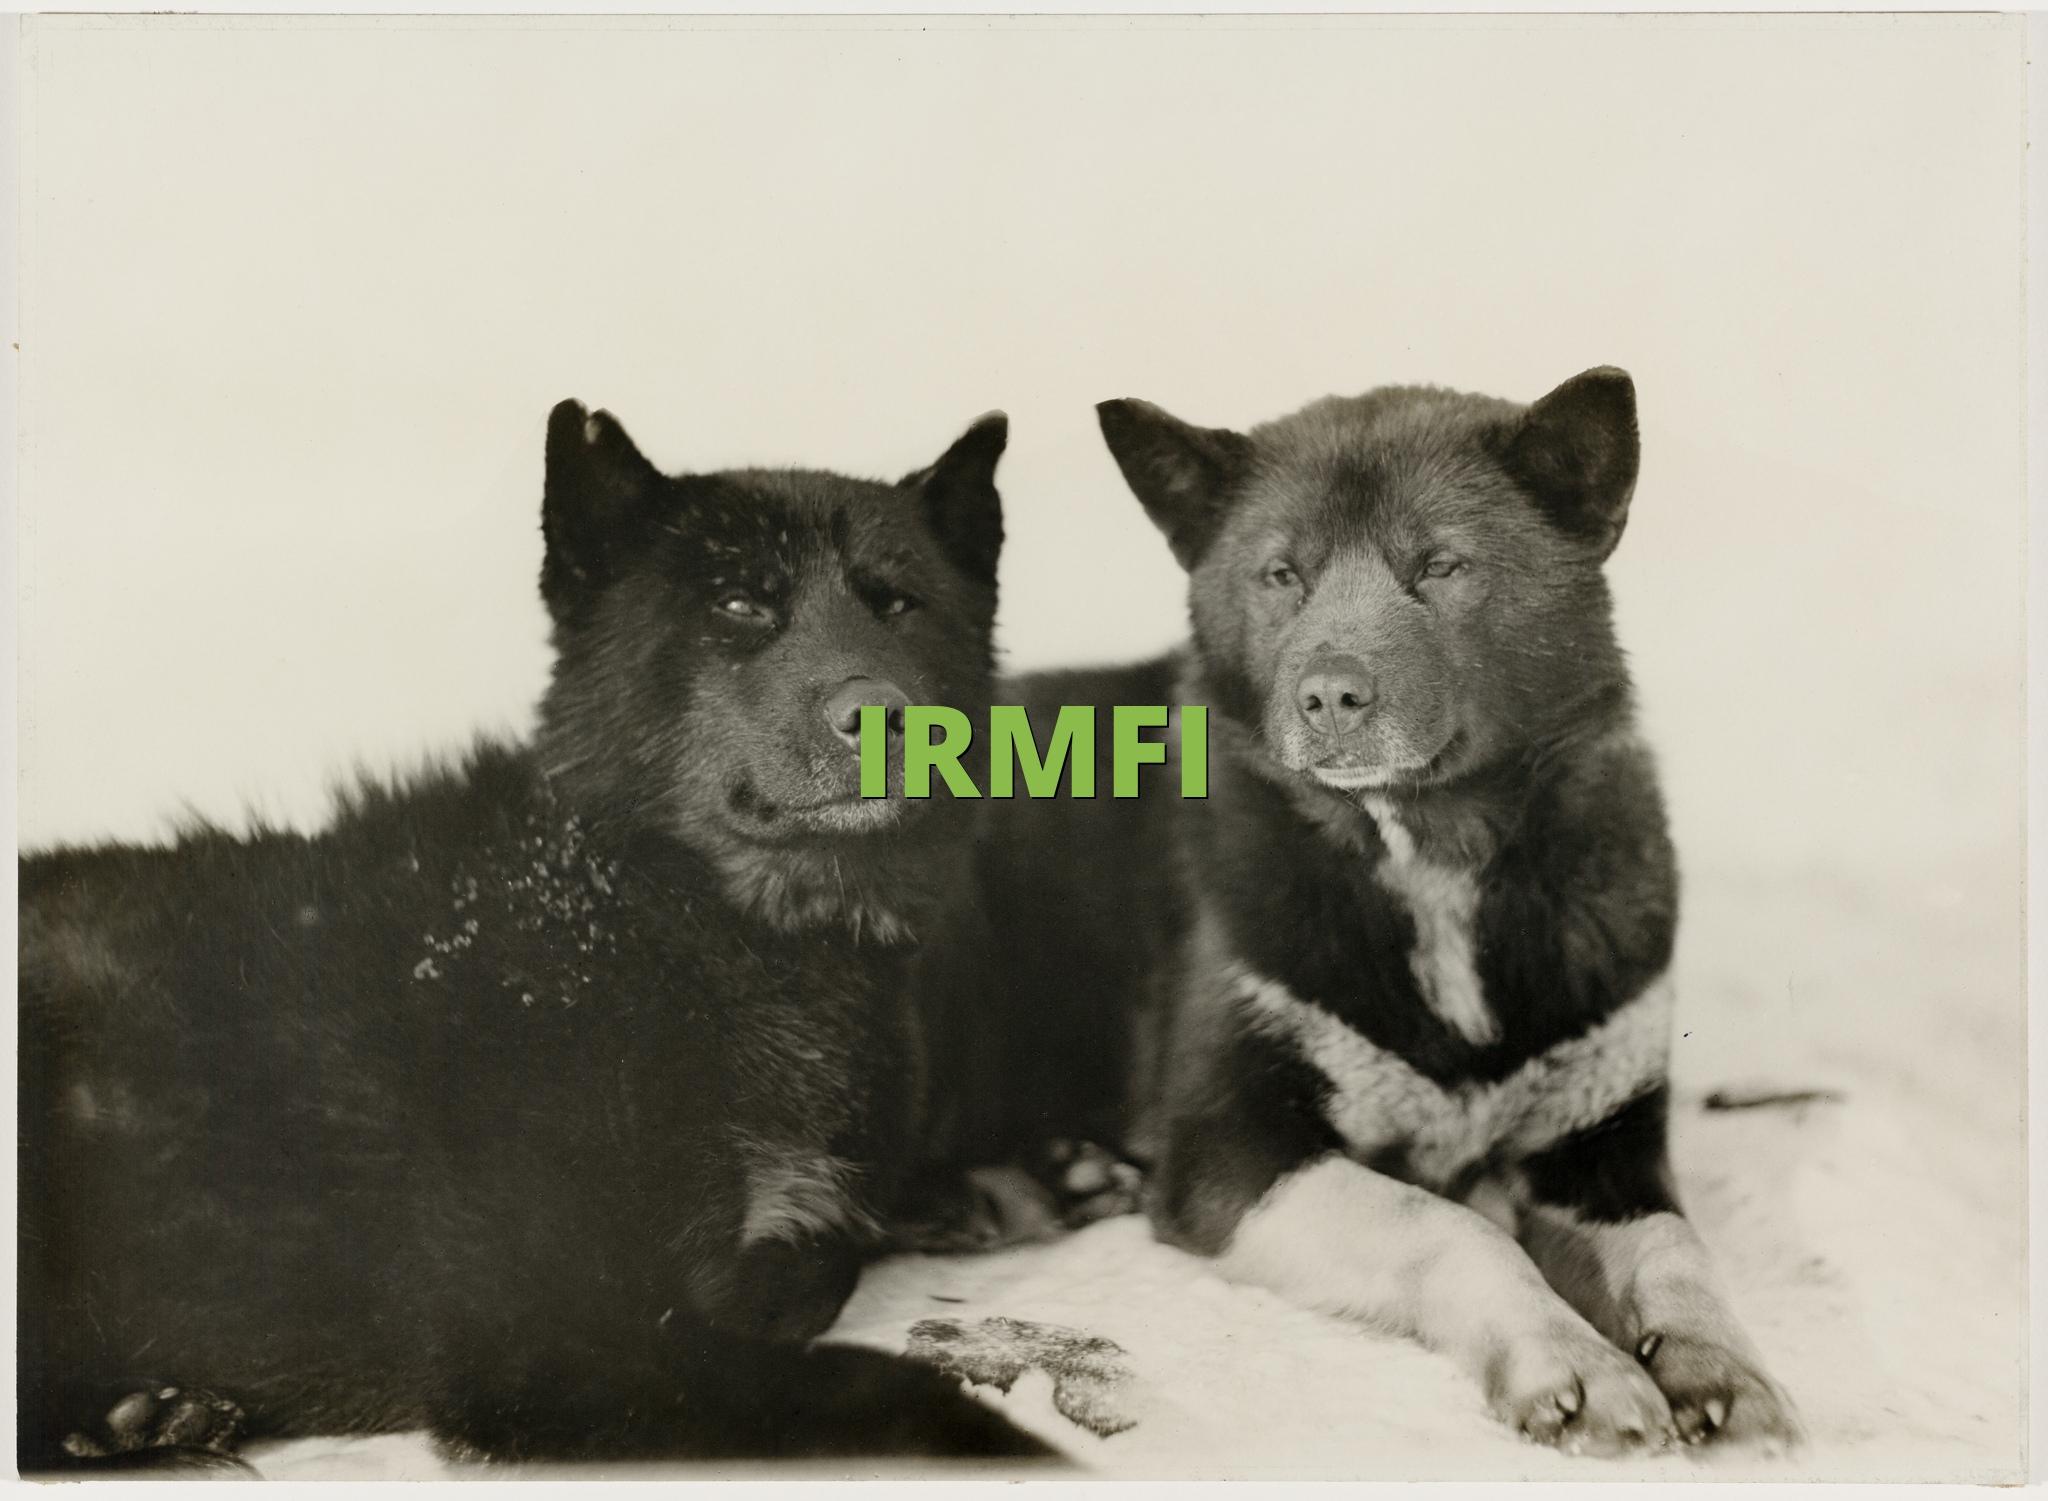 IRMFI